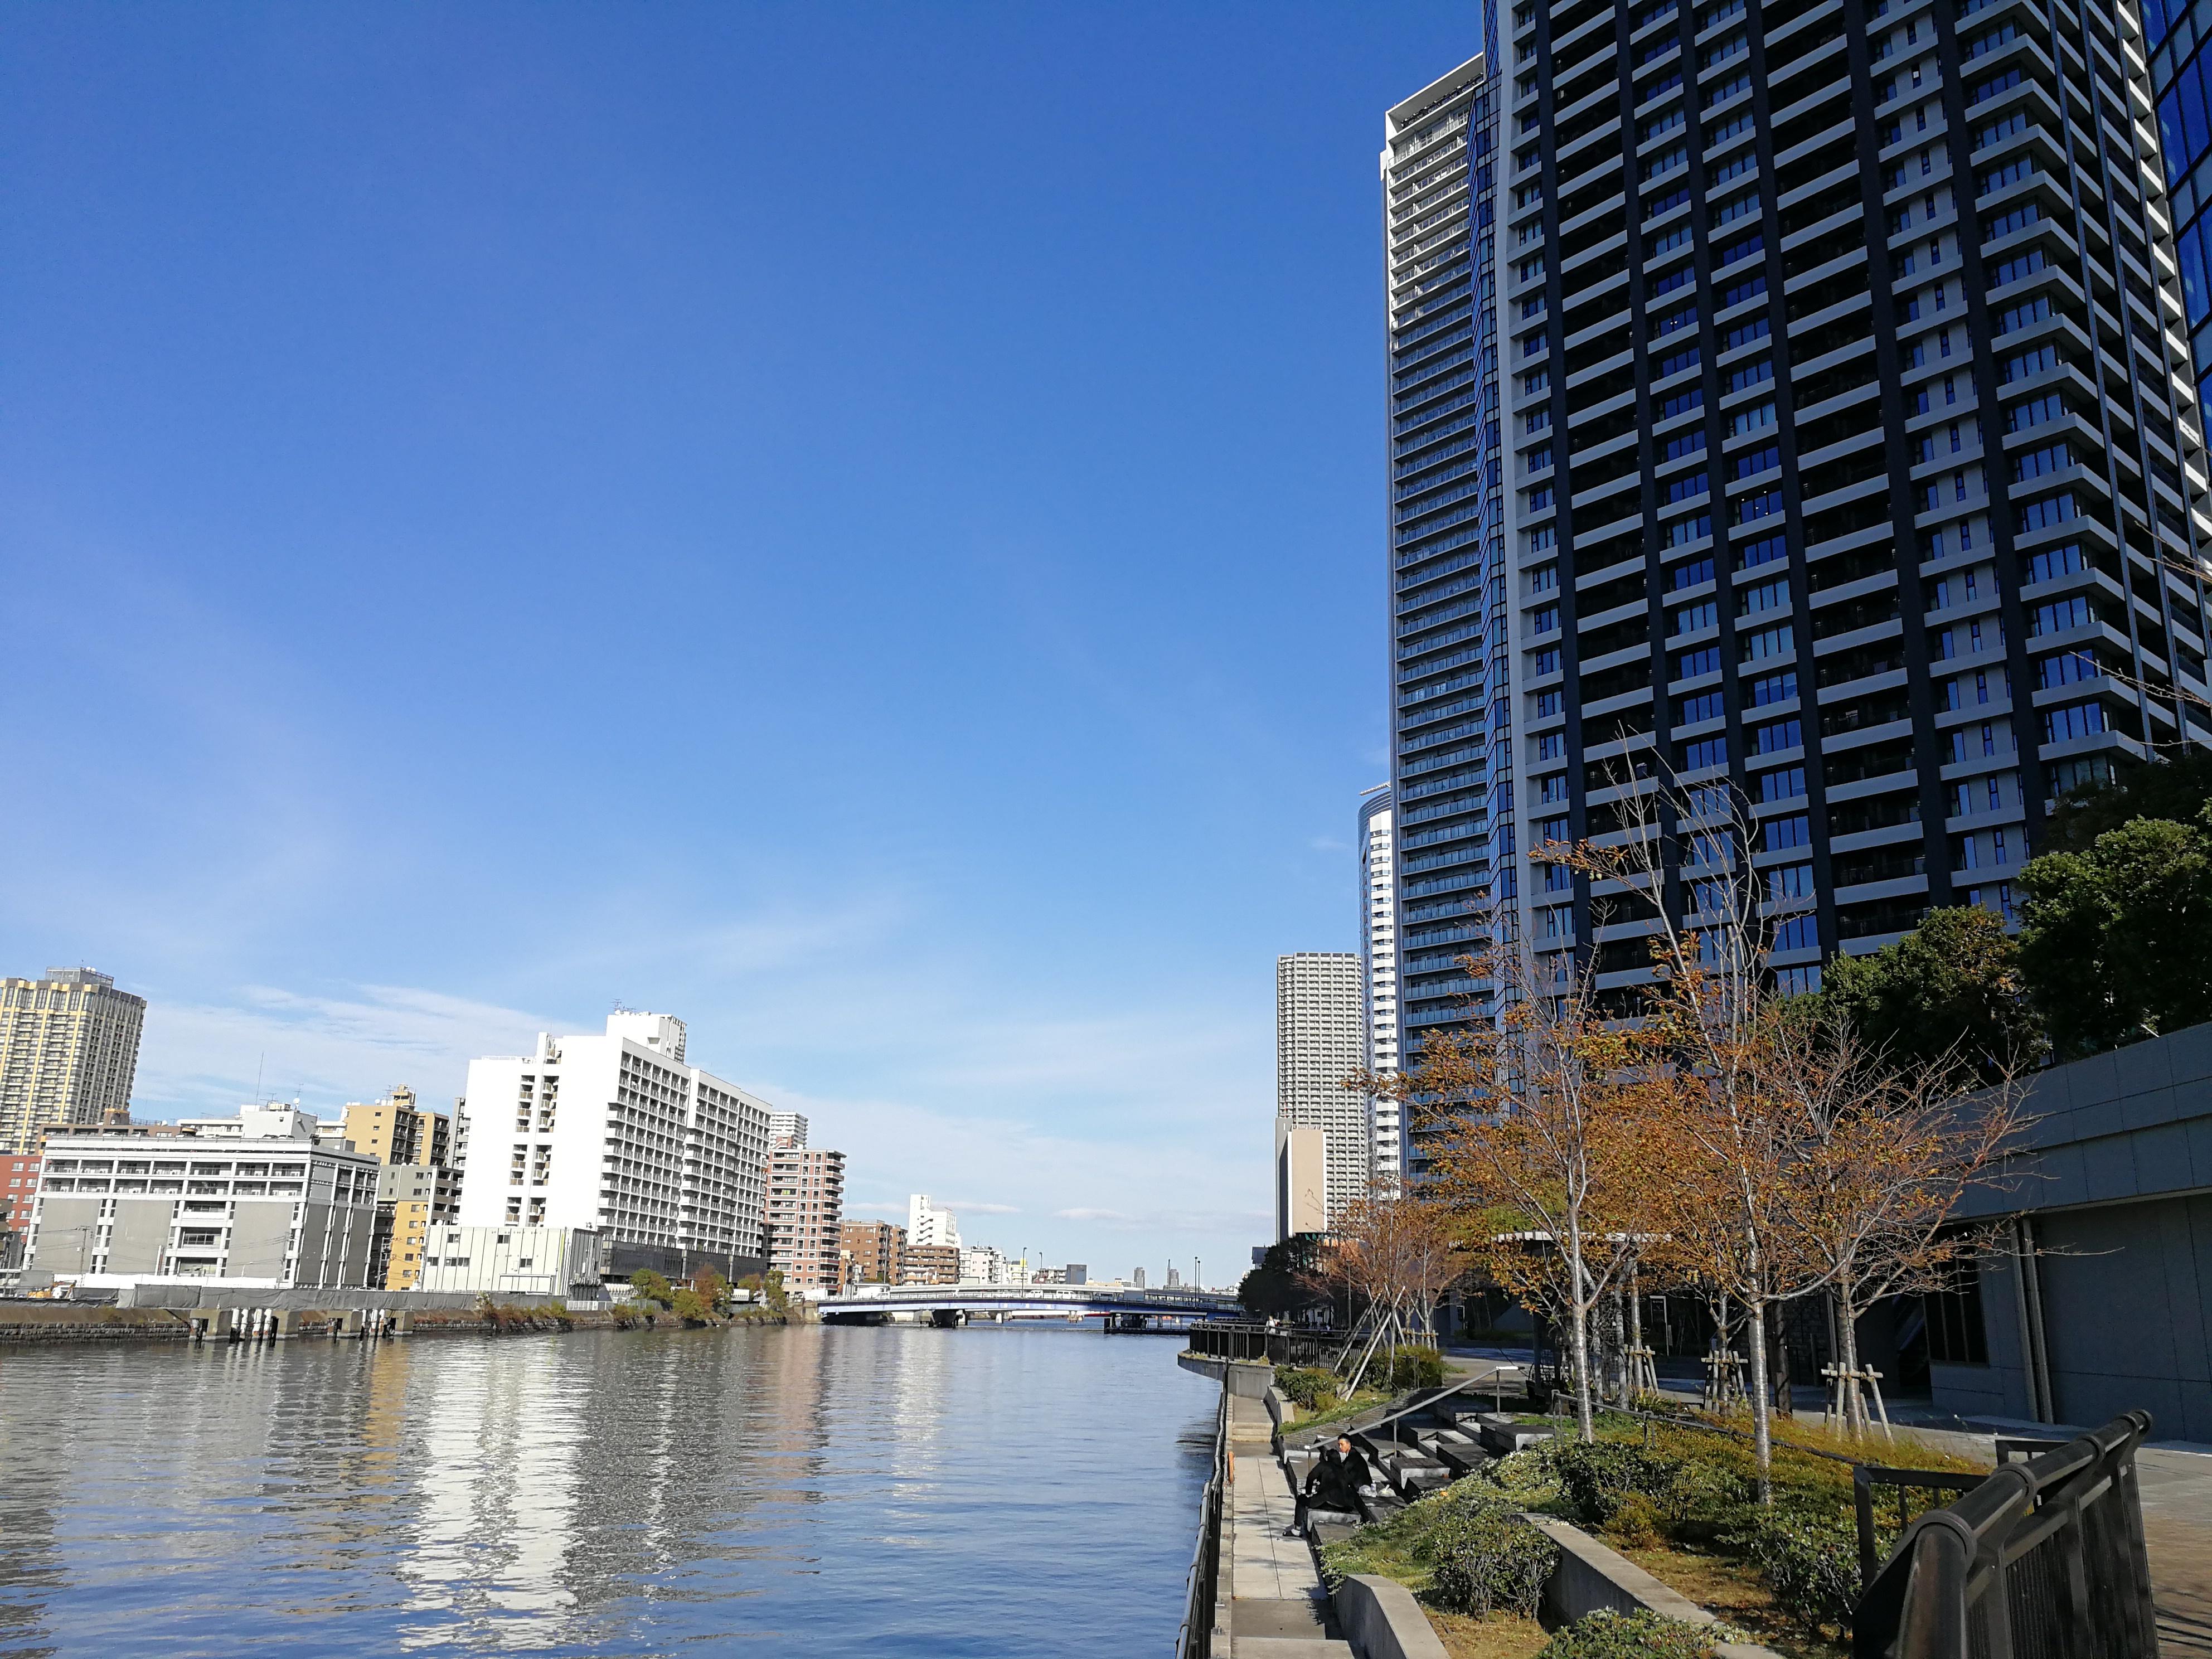 低迷楼市消灭了投资热情 东京中产不相信楼市